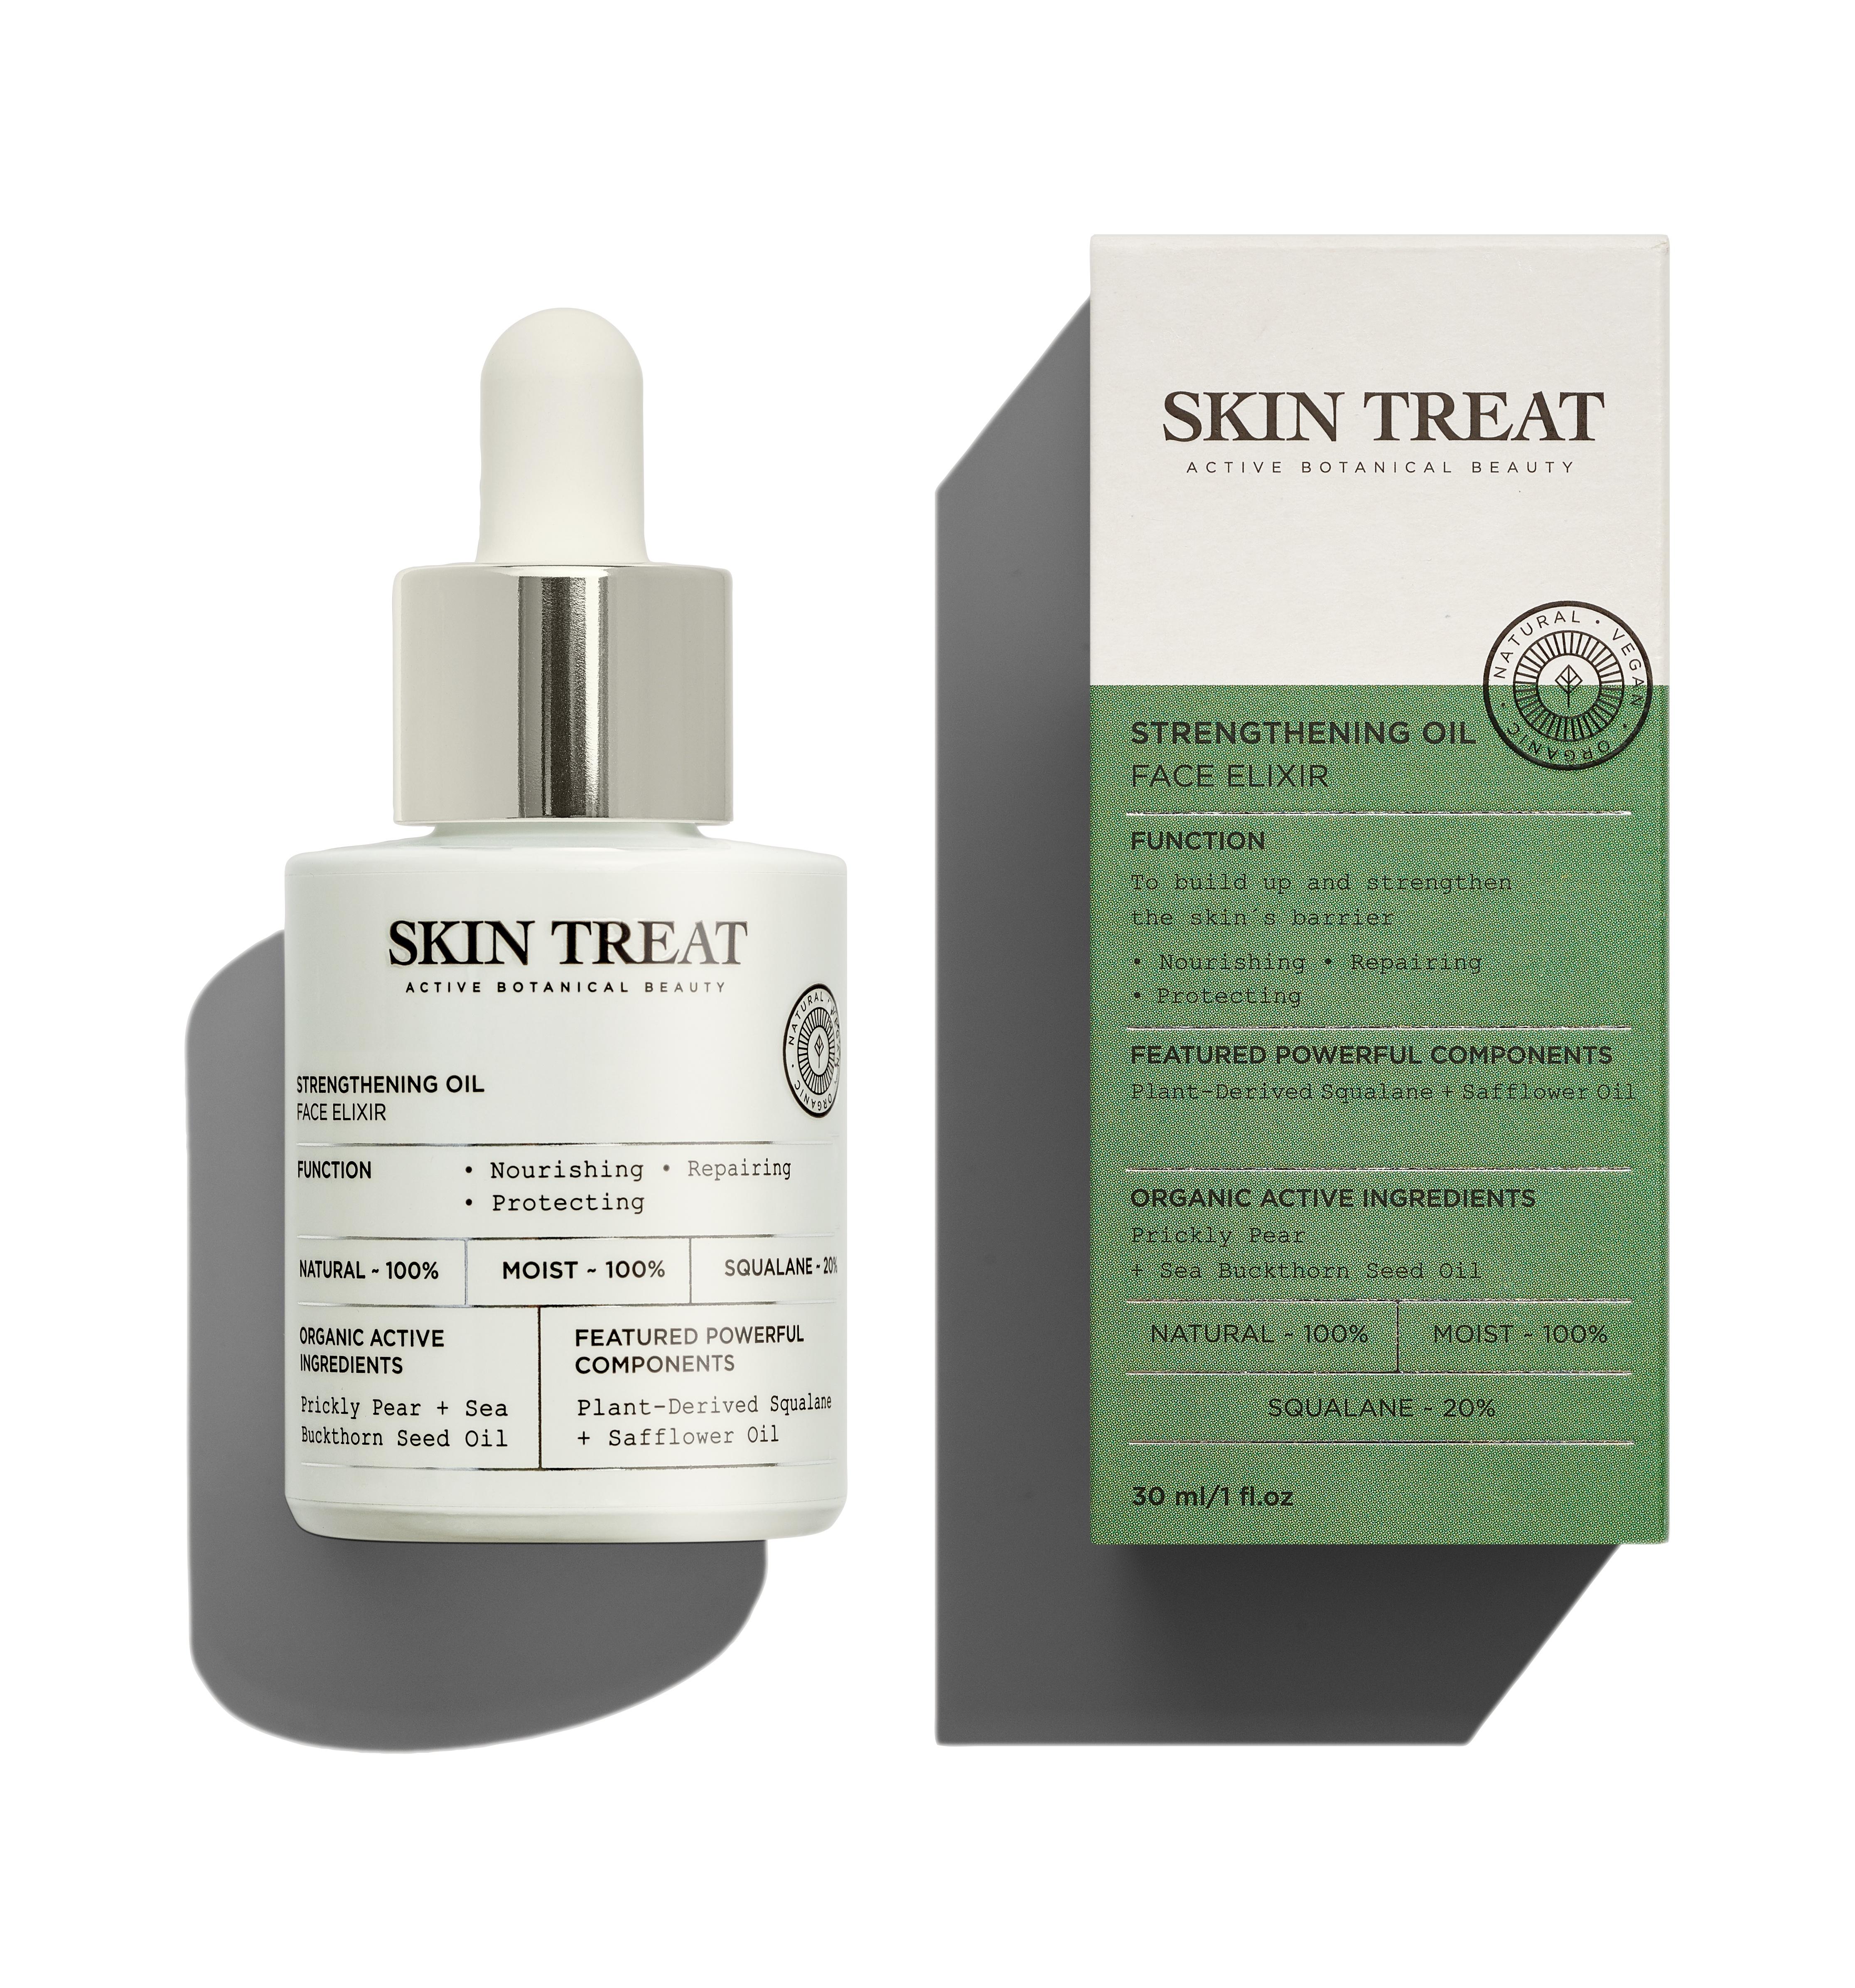 Skin Treat Strengthening Oil Face Elixir